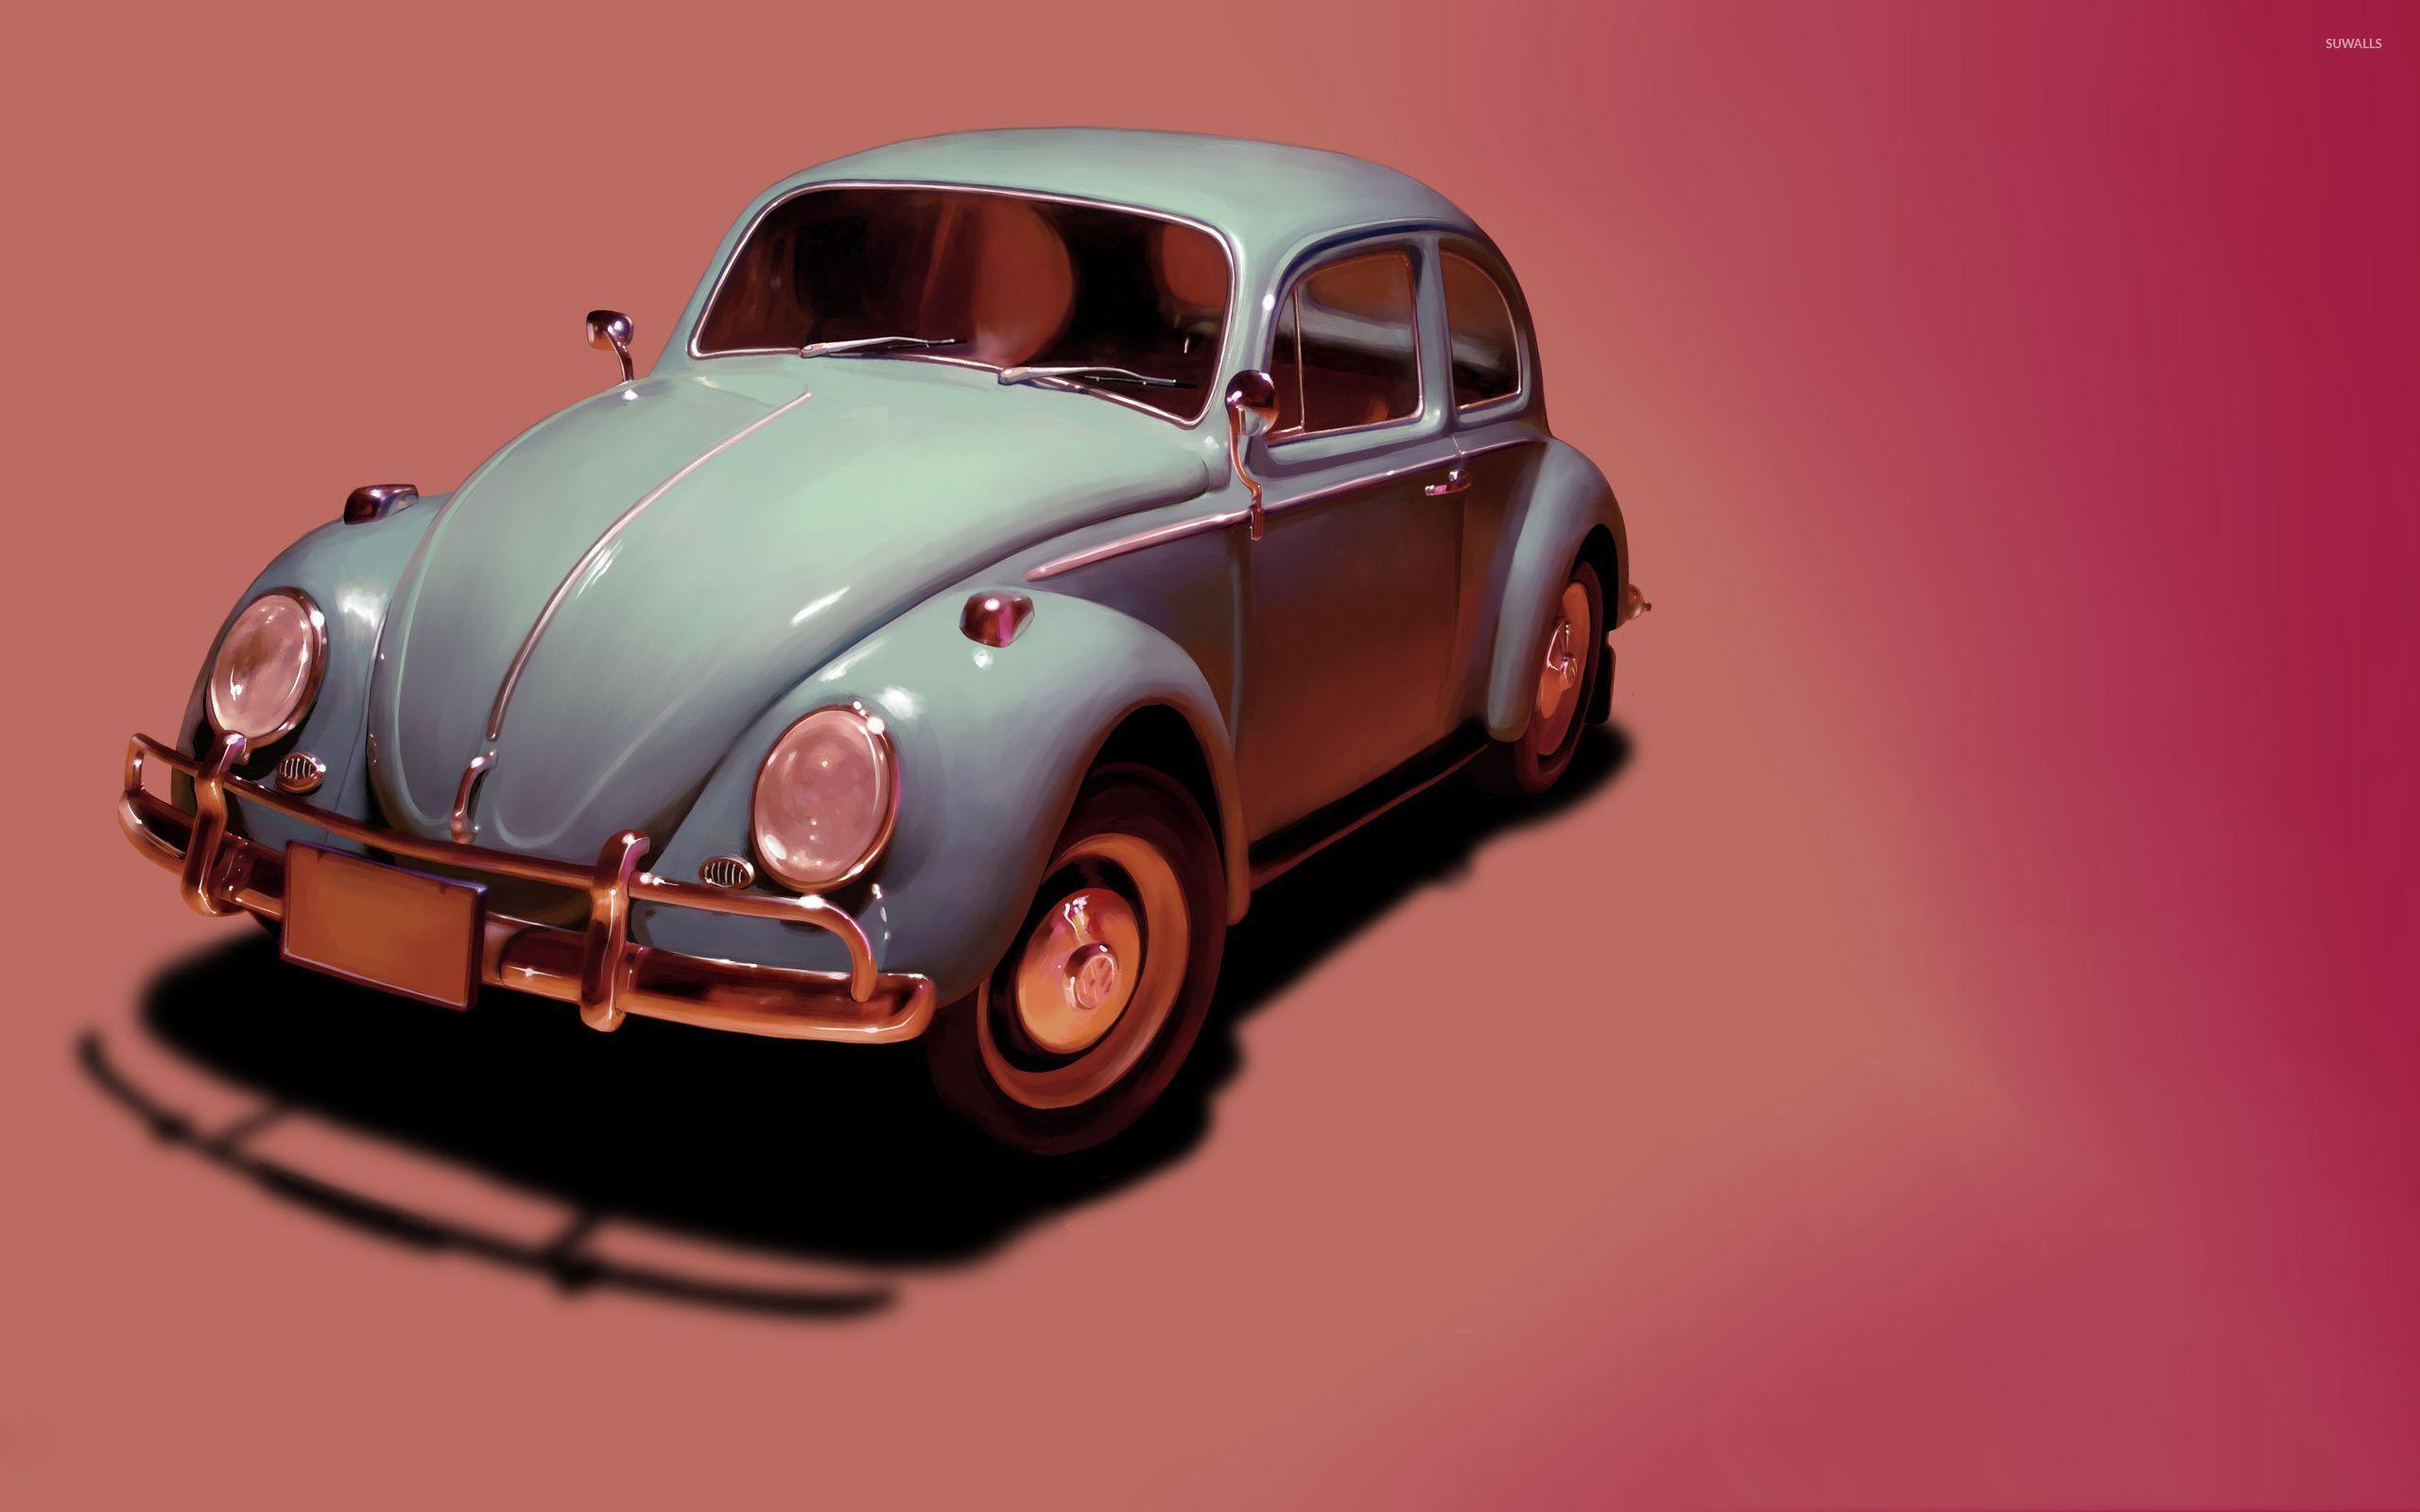 Popular Volkswagen Beetle [6] wallpaper - Photography wallpapers - #47955 JY46